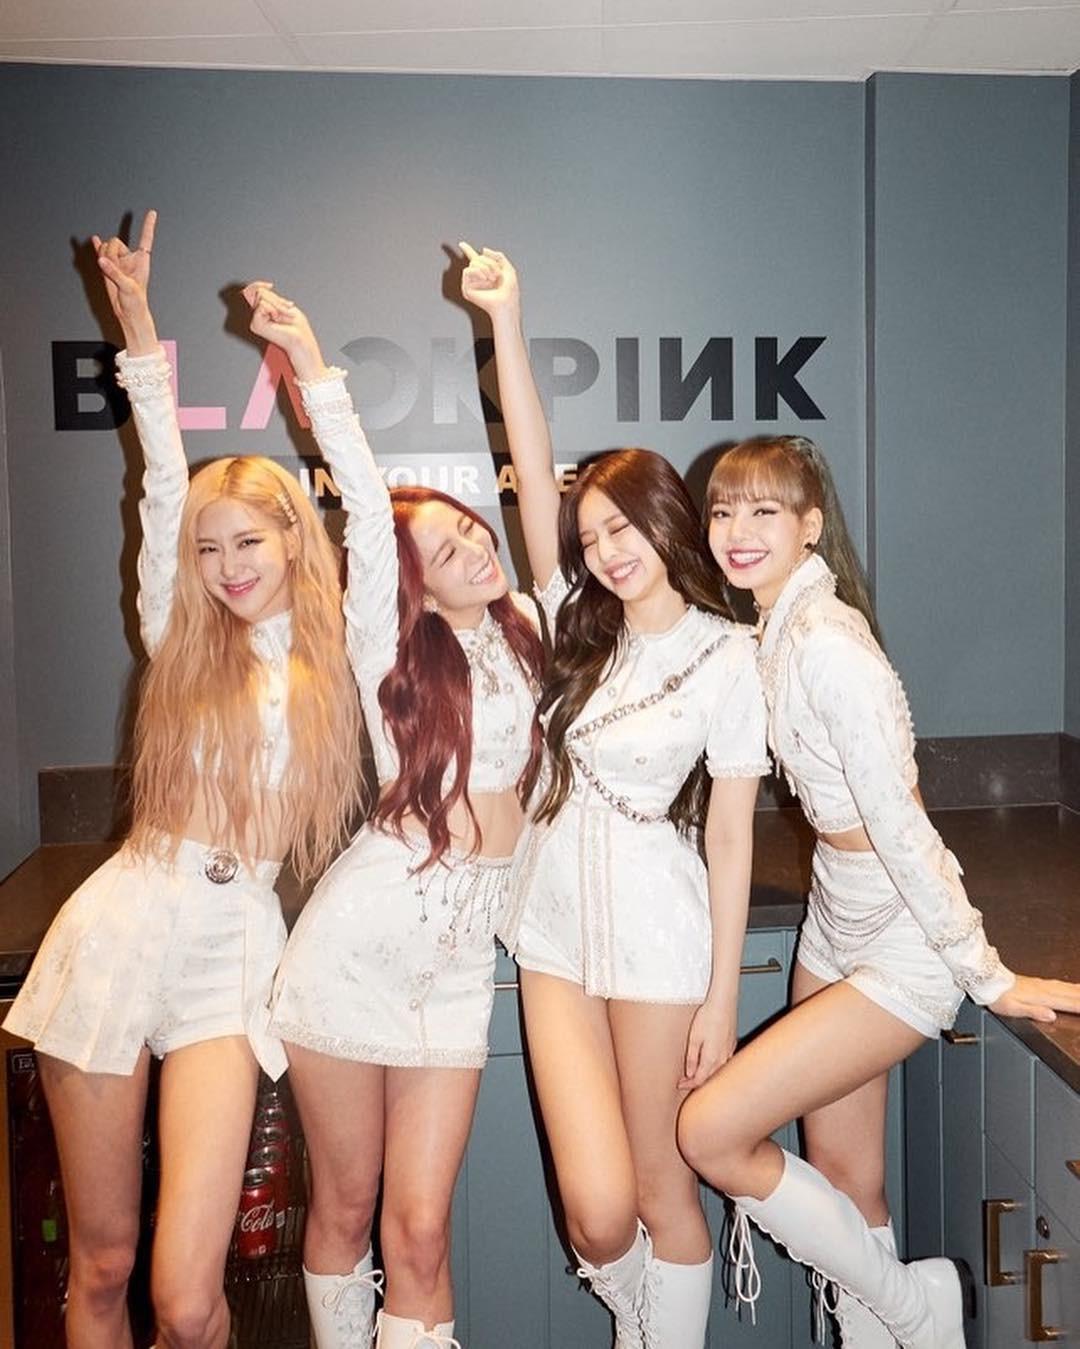 Từ khi nào mà chân của nữ thần sắc đẹp Jisoo đã trở nên to gần gấp đôi các thành viên Black Pink thế này? - Ảnh 4.